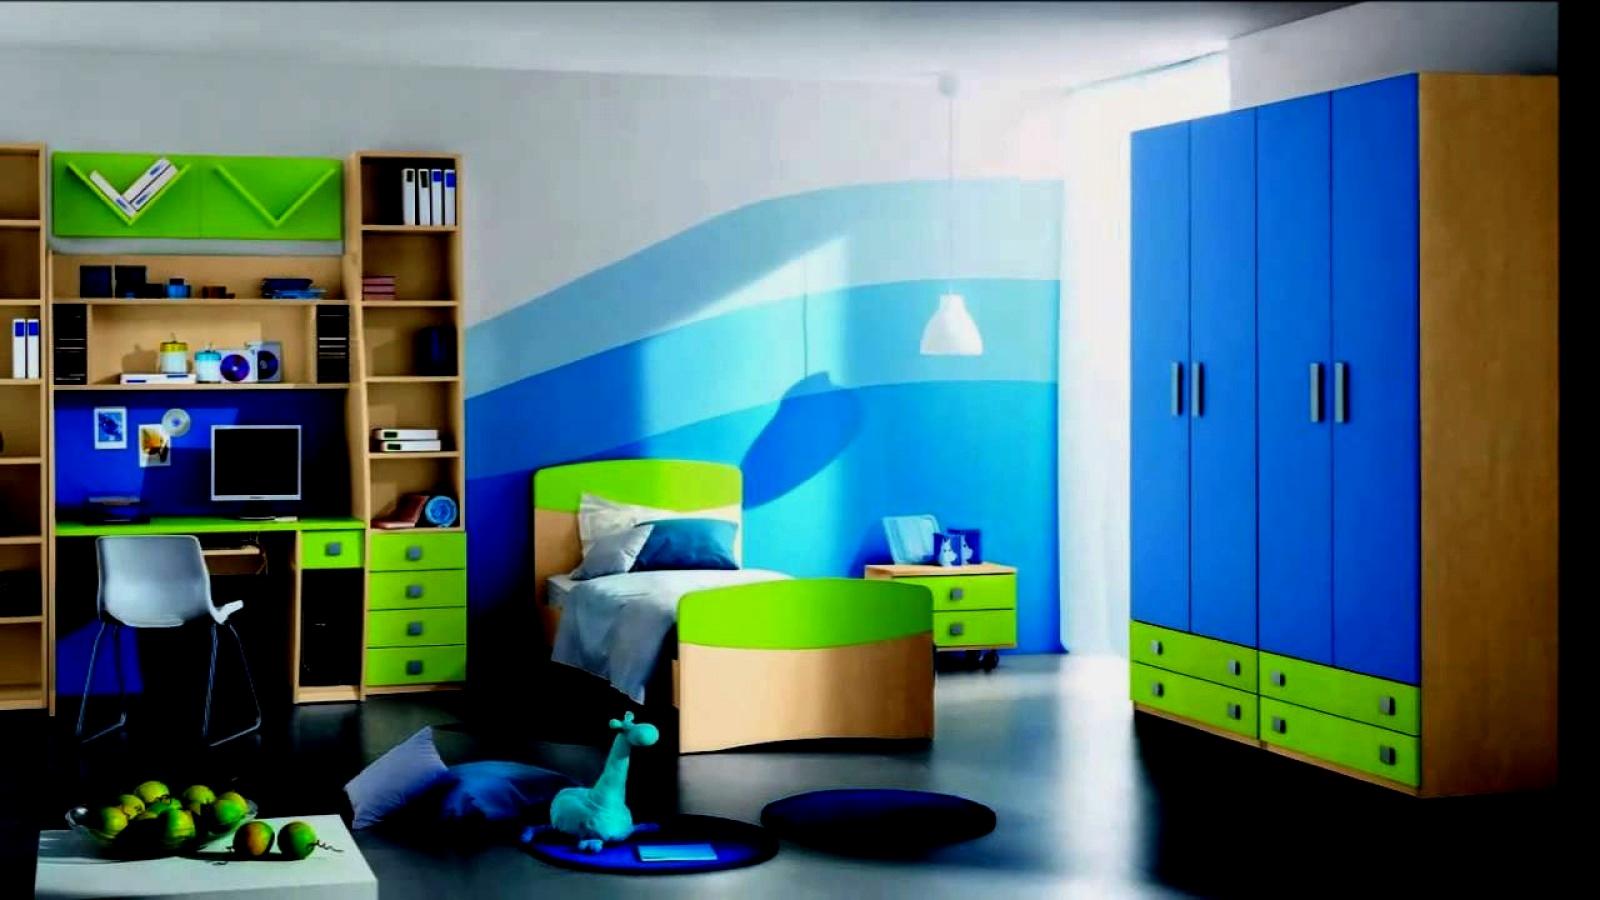 Full Size of Kinderzimmer Mit Schragen Regal Weiß Regale Sofa Wohnzimmer Wandgestaltung Kinderzimmer Jungen